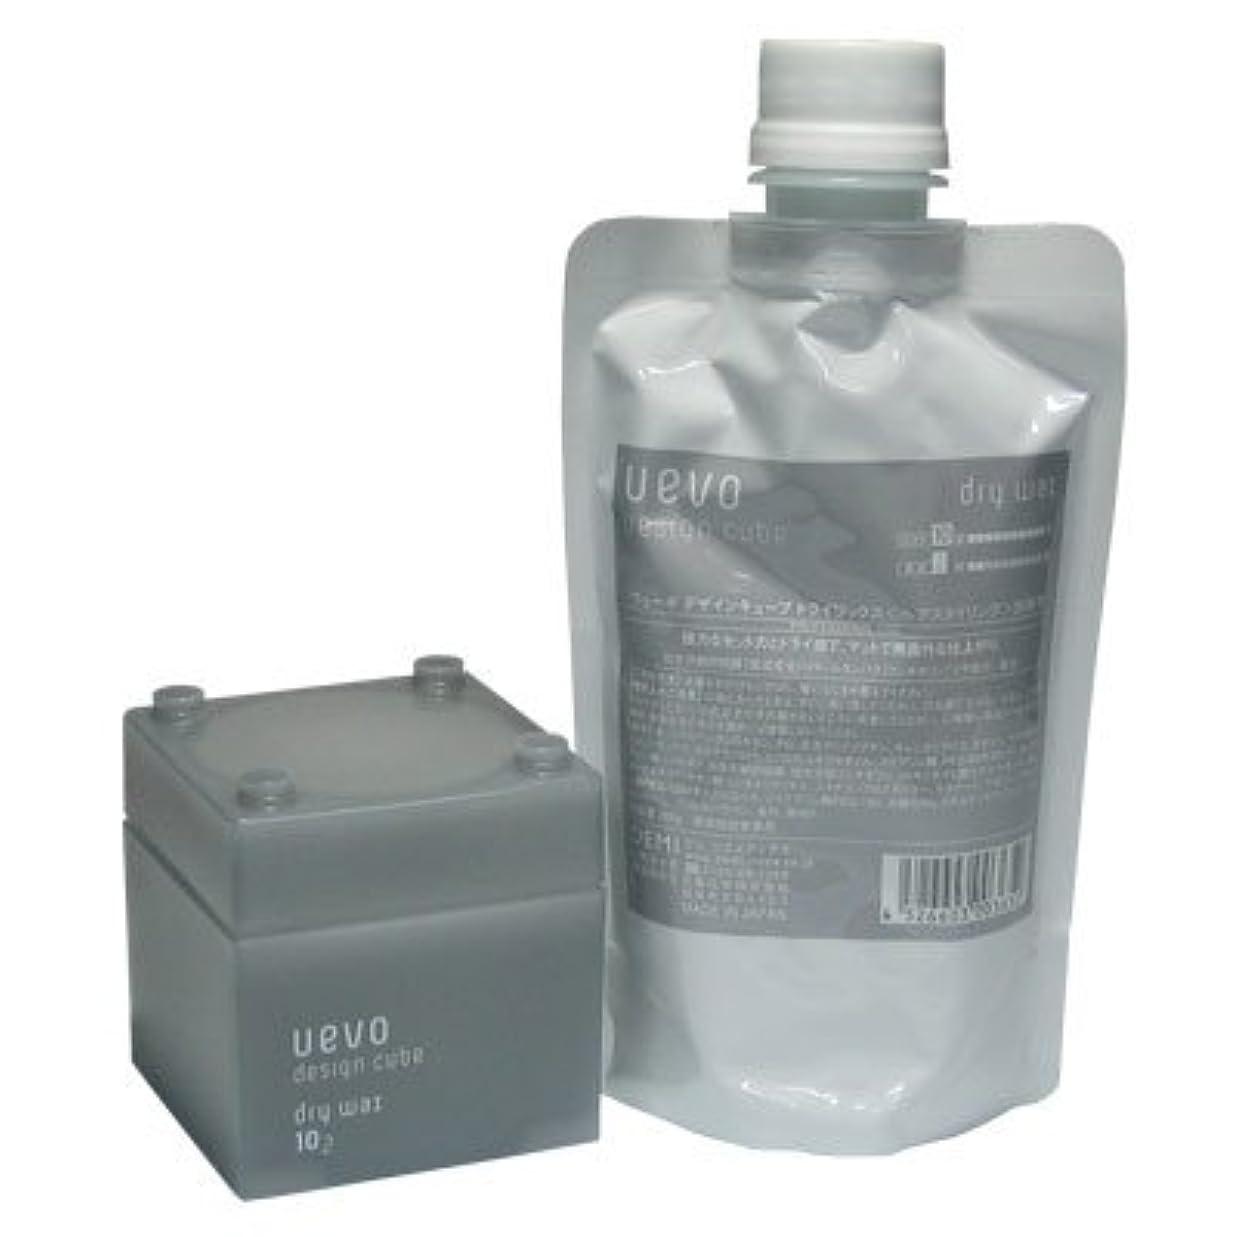 溶かすスイス人承知しましたデミ ウェーボ デザインキューブ ドライワックス 10-2 80g&200g